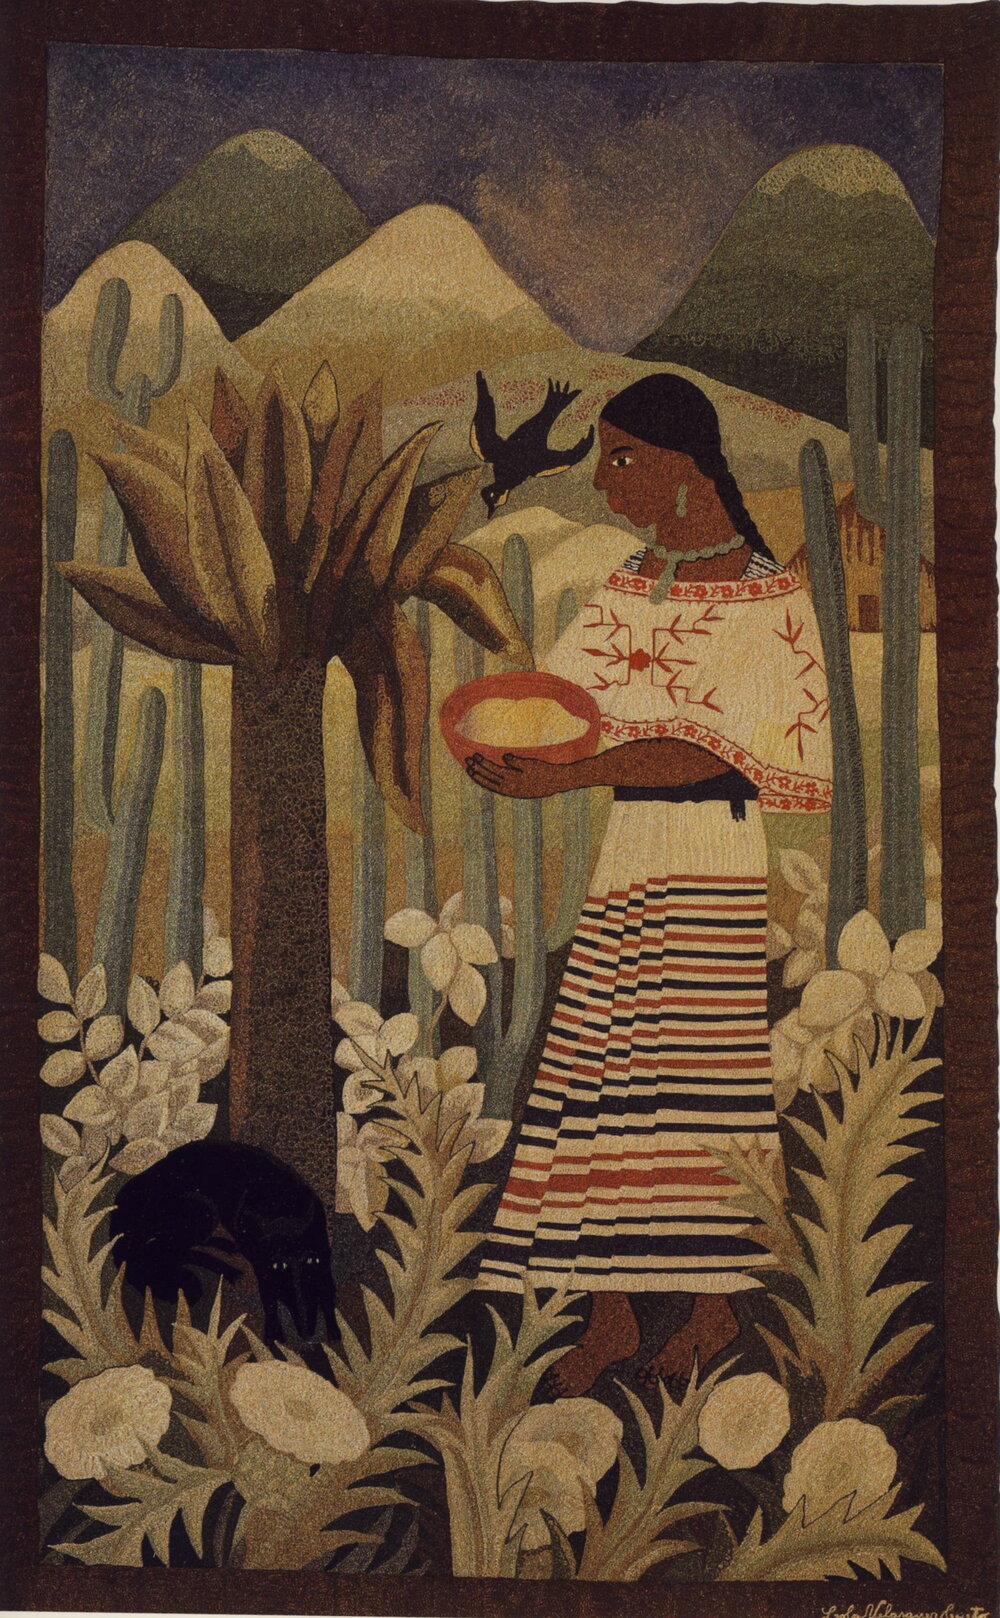 Лола Куето, Velázquez de Cueto, 1920-1927. Світлина:  chnm.gmu